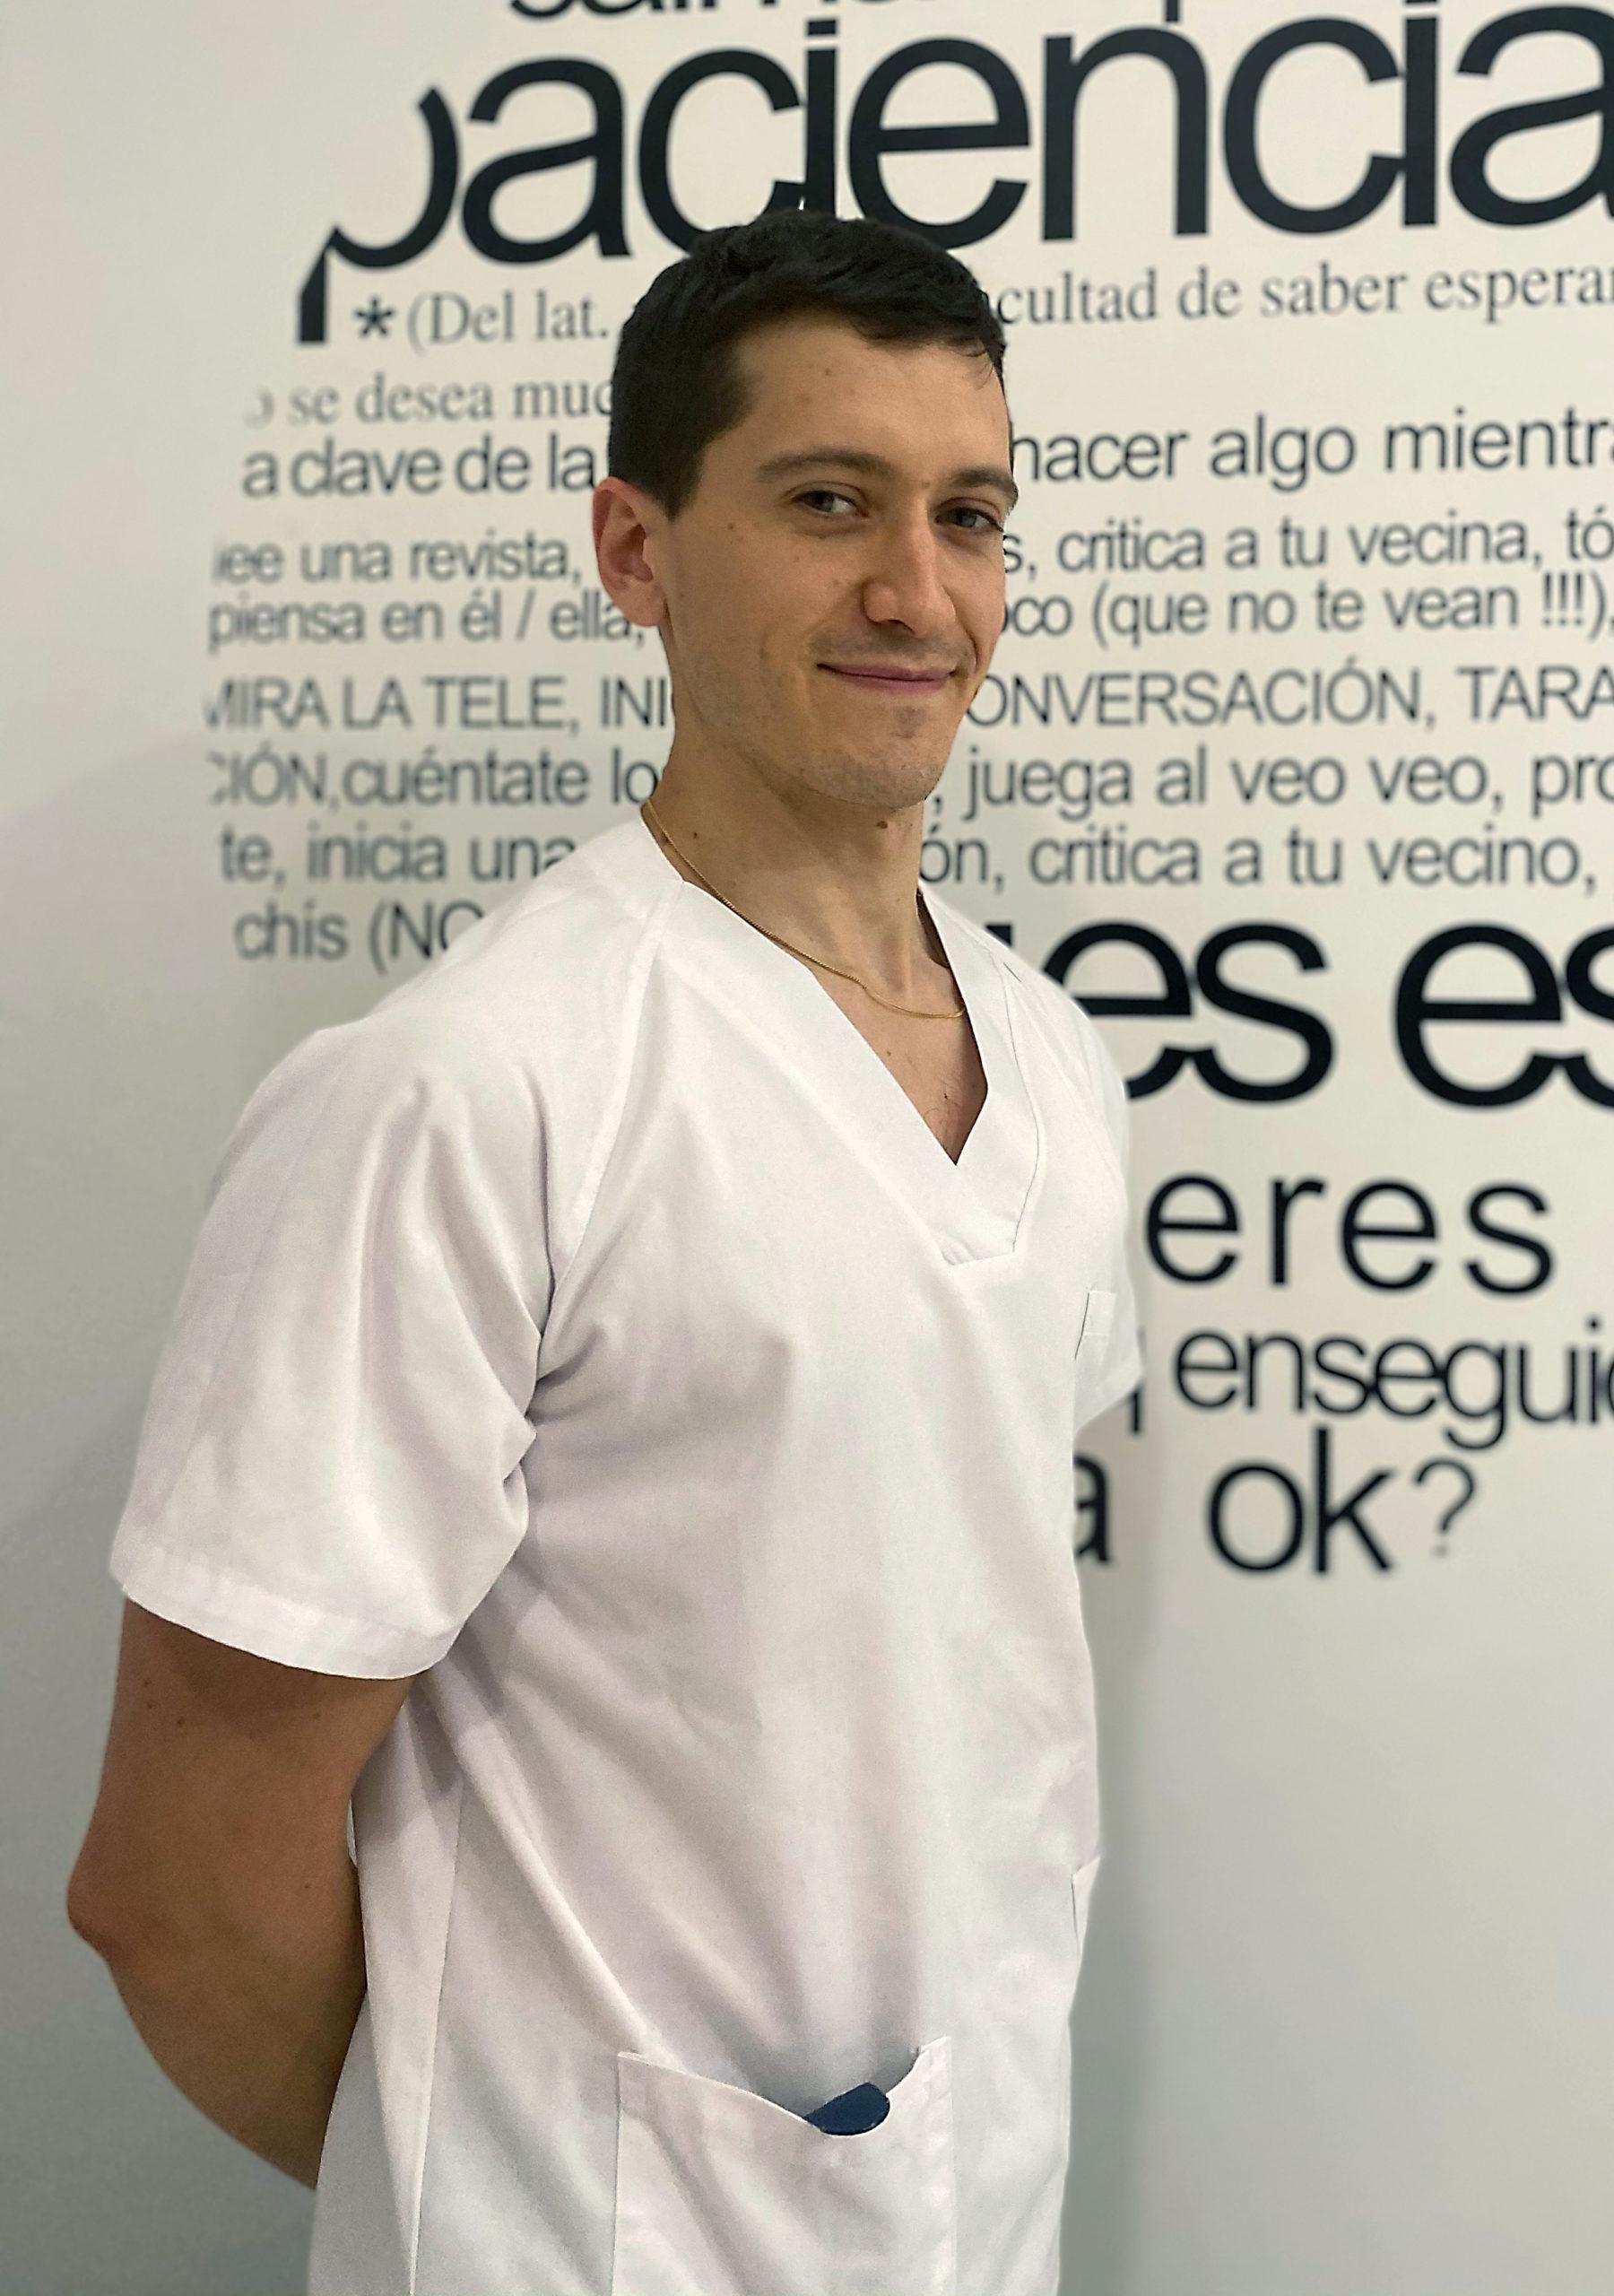 D. David Vázquez García